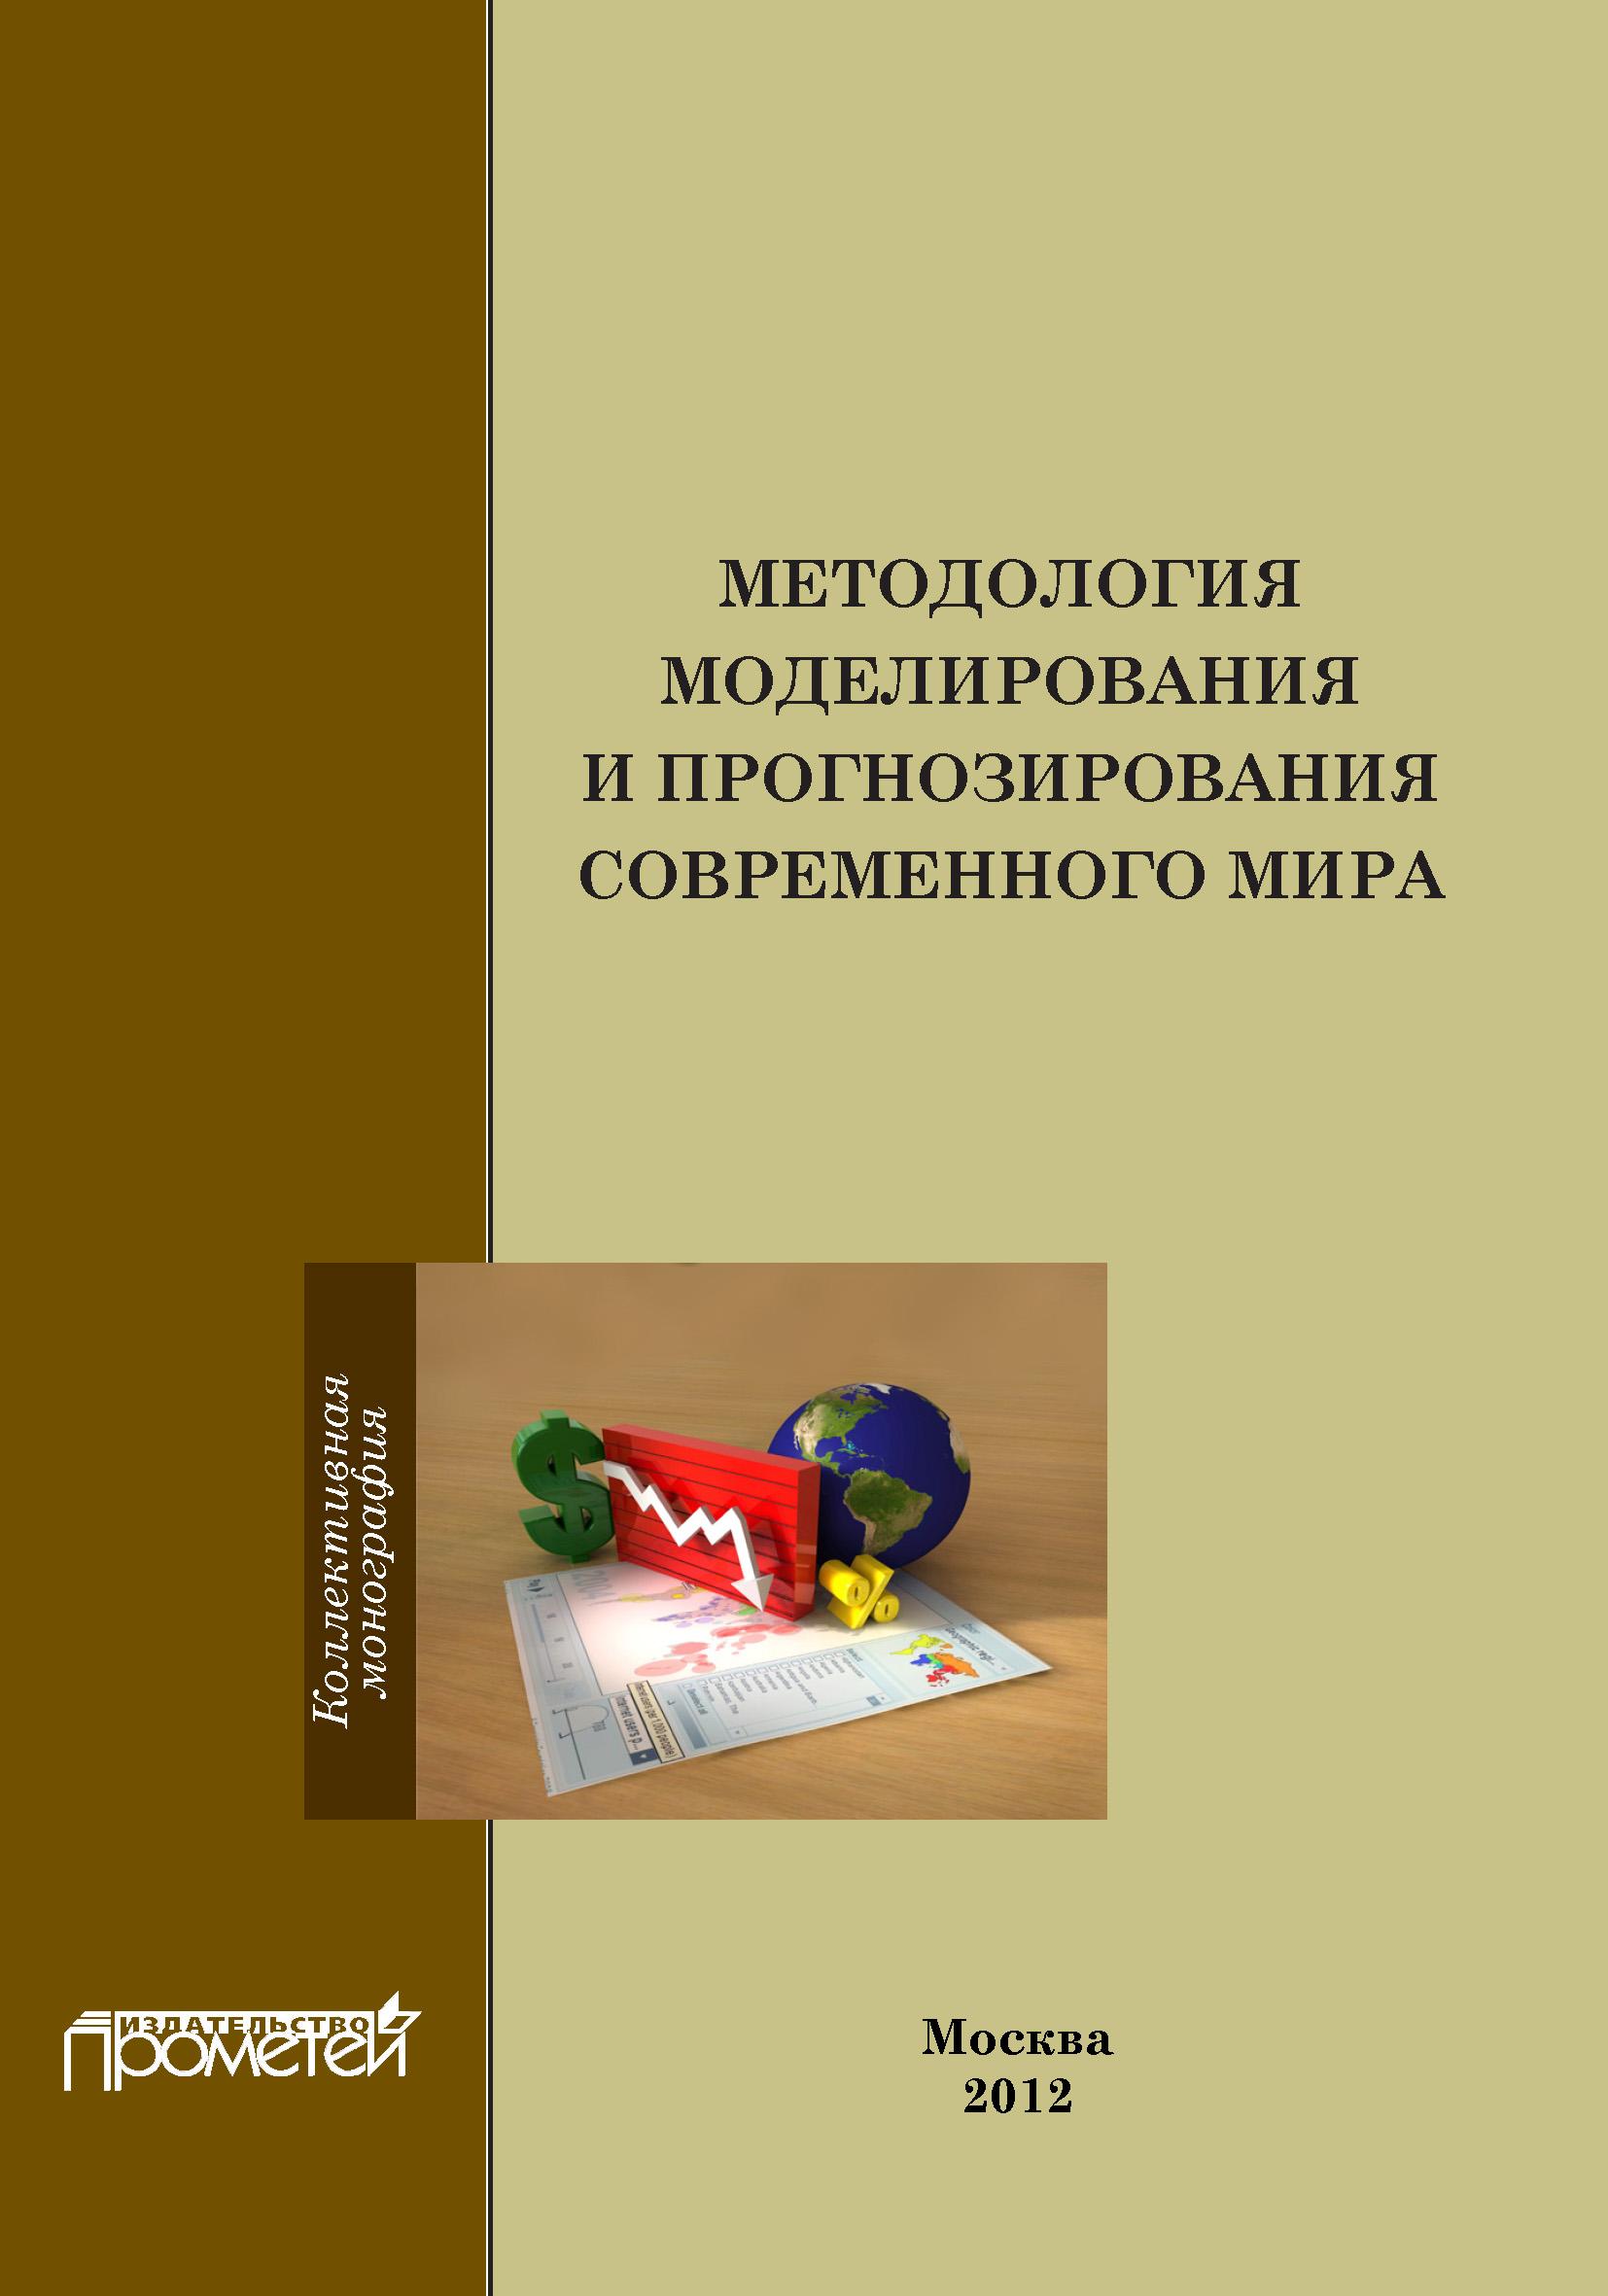 Коллектив авторов Методология моделирования и прогнозирования современного мира